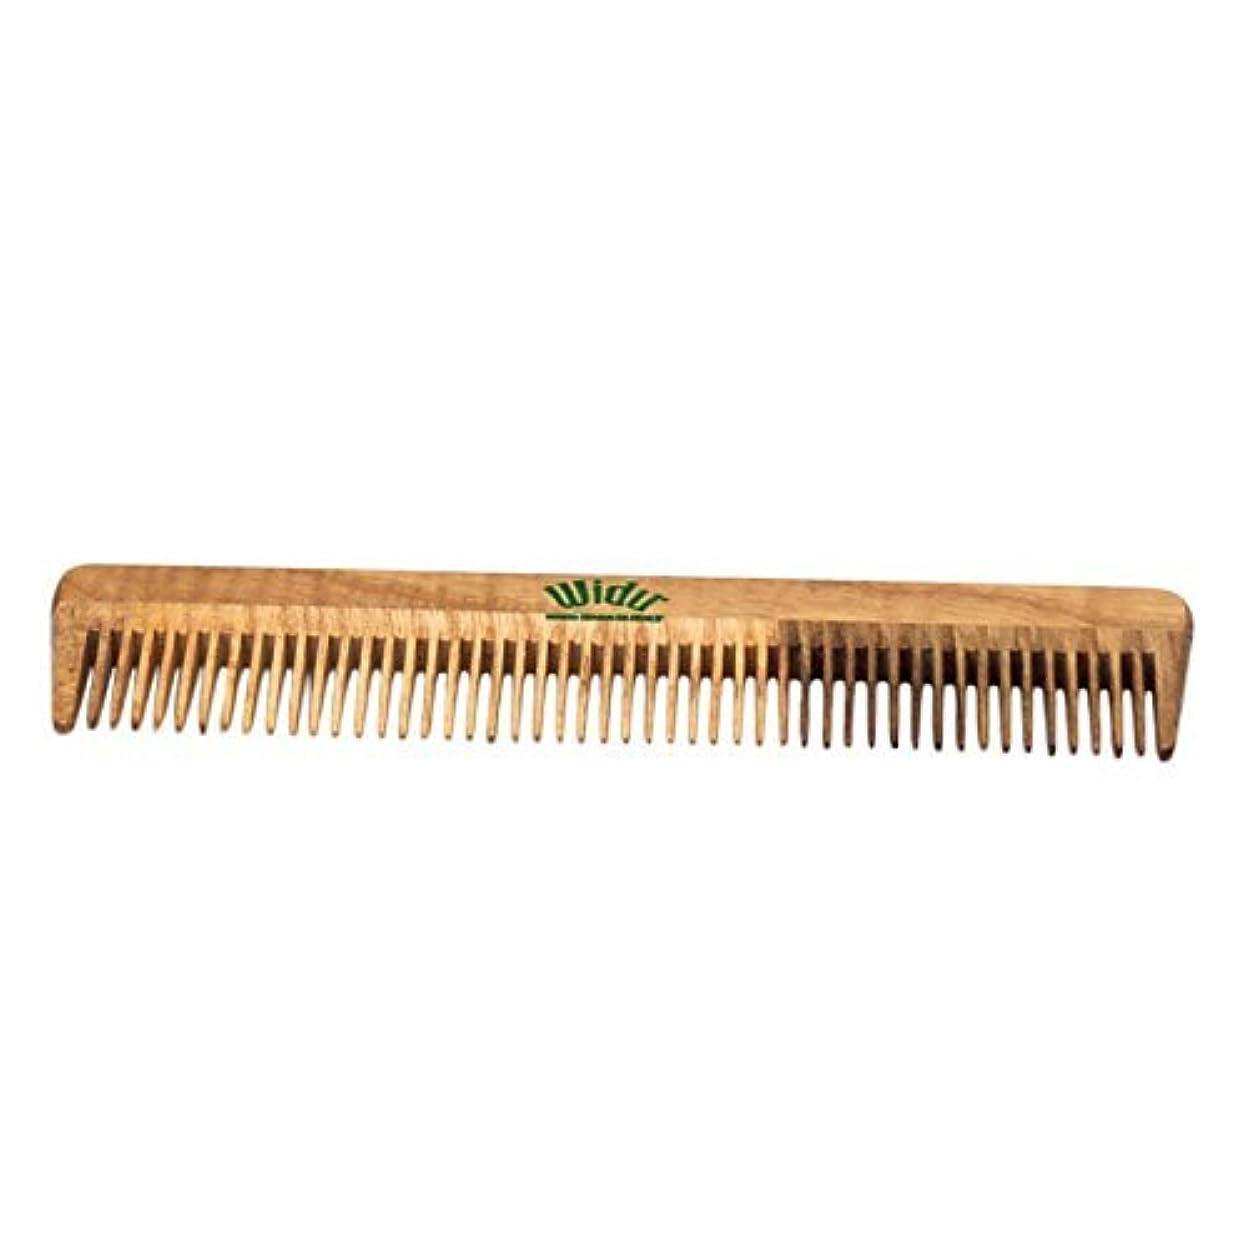 多用途助けて口述Small Comb with Thin Spaced Teeth 1 Count [並行輸入品]